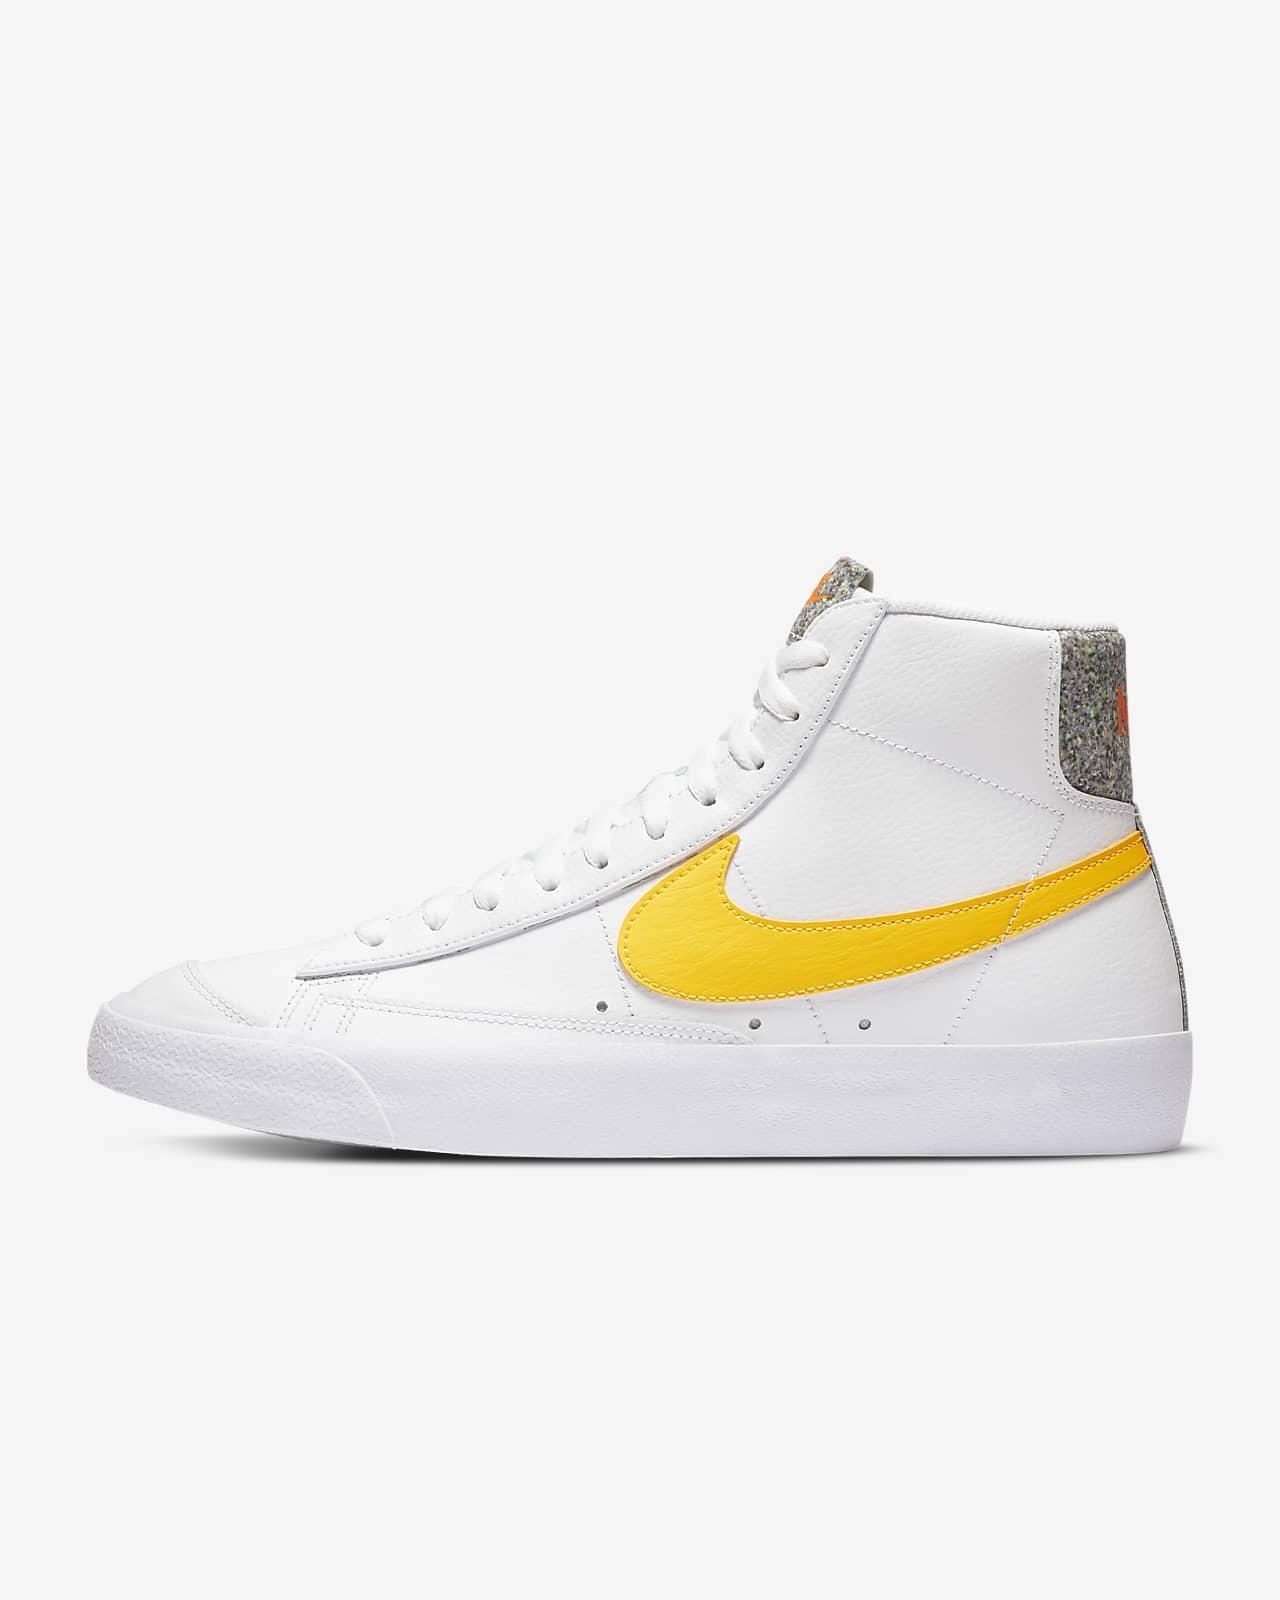 Nike Blazer Mid '77 Erkek Ayakkabısı